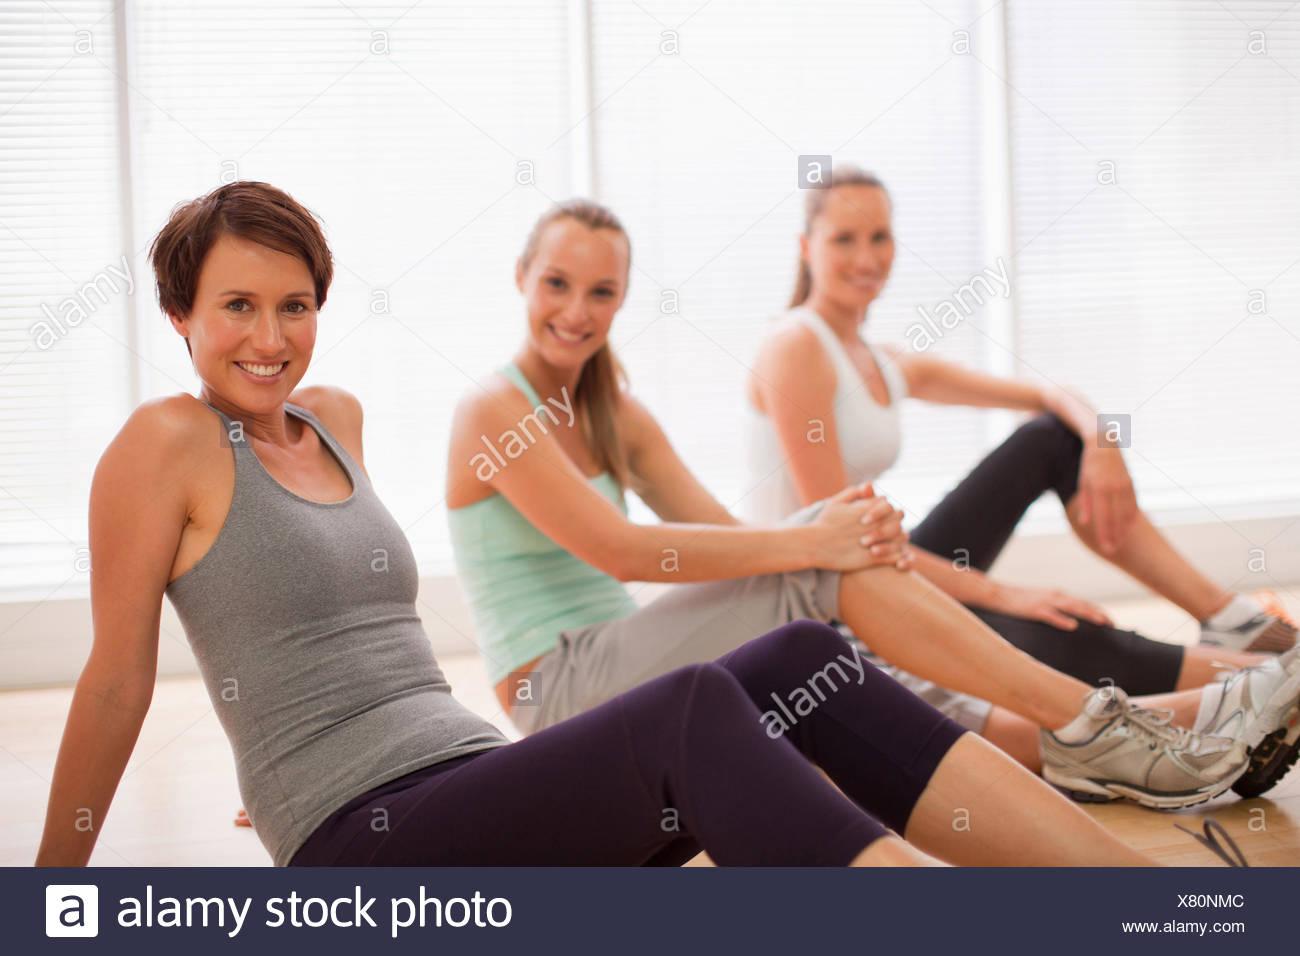 Ritratto di donna sorridente seduto in una fila in studio fitness Immagini Stock